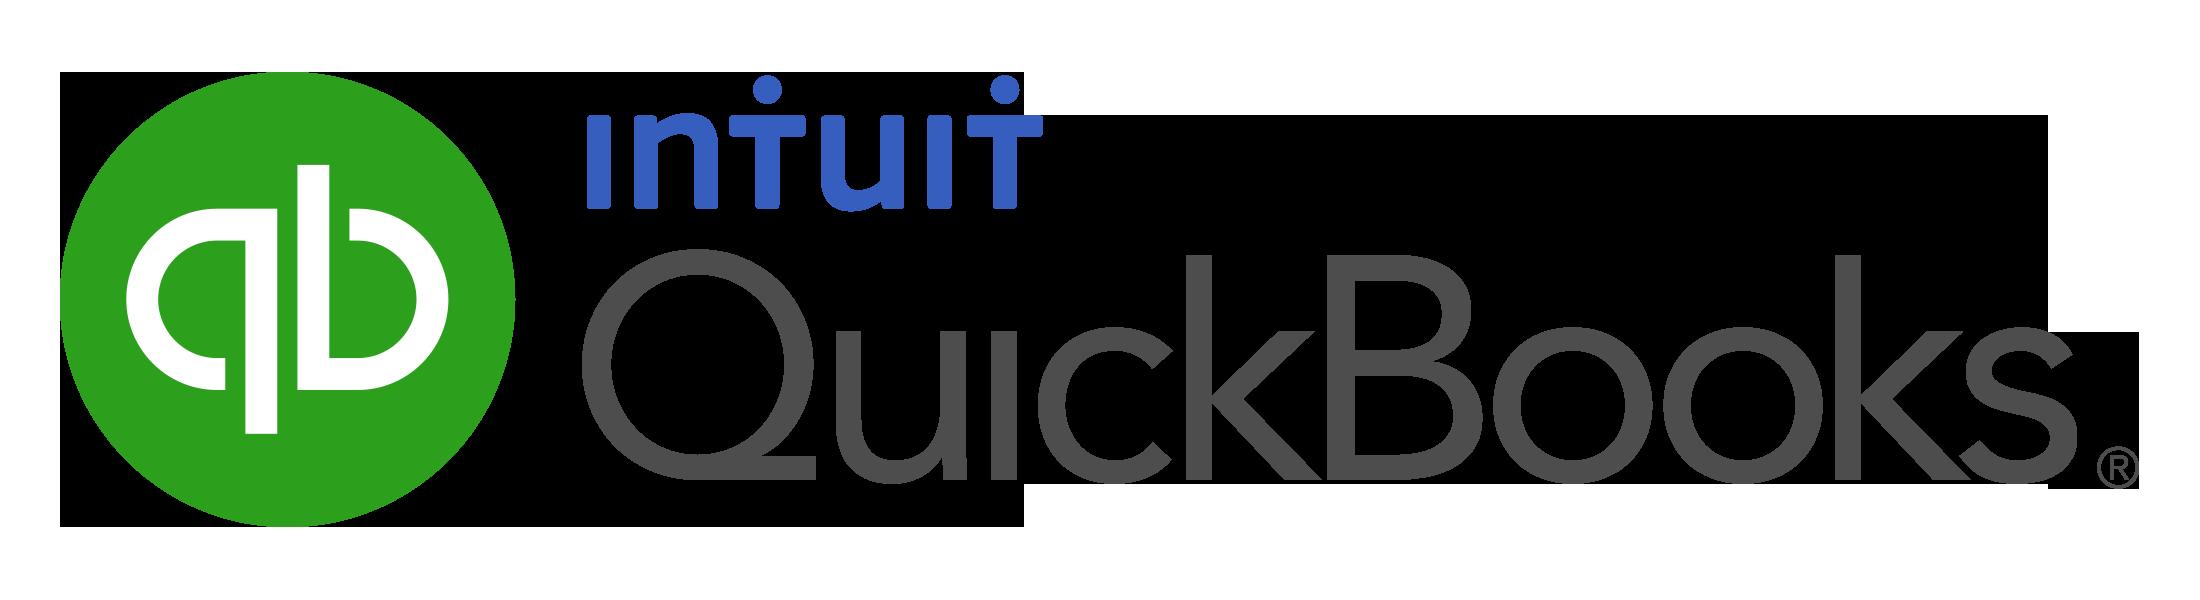 QB Quick Books Online